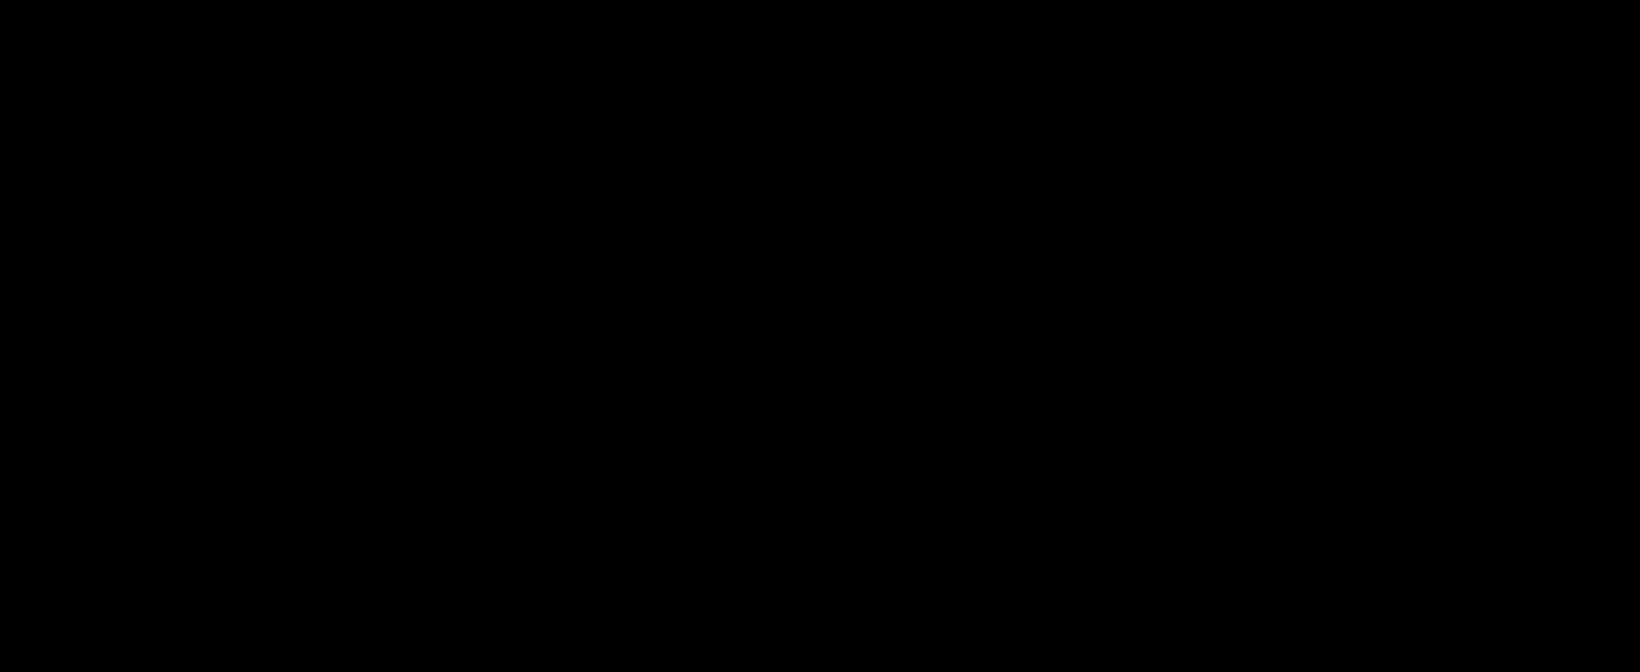 D-Thyroxine